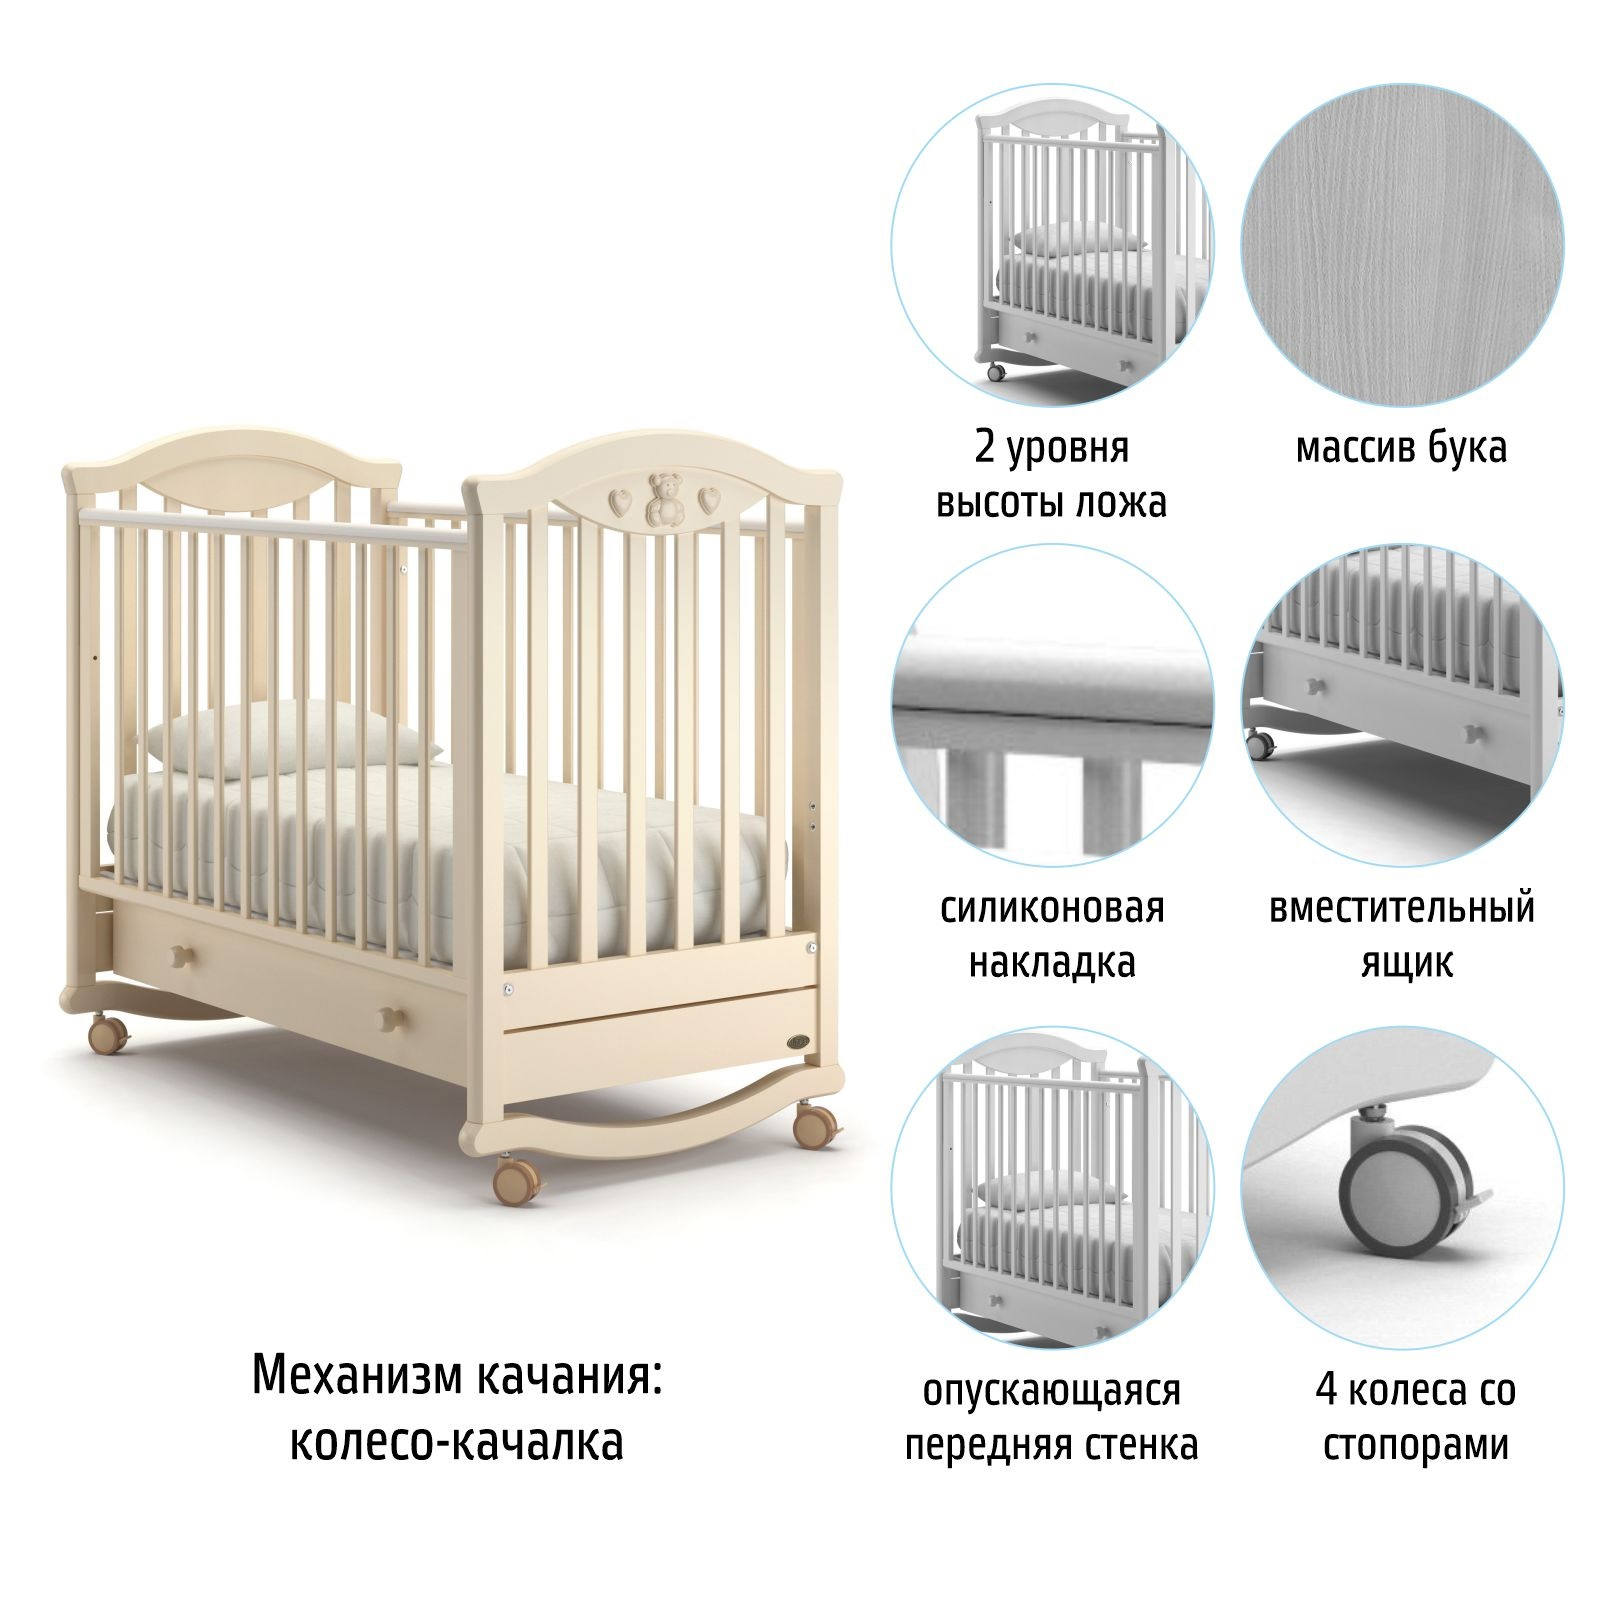 Кроватка Nuovita Sorriso Dondolo колесо-качалка avorio слоновая кость фото